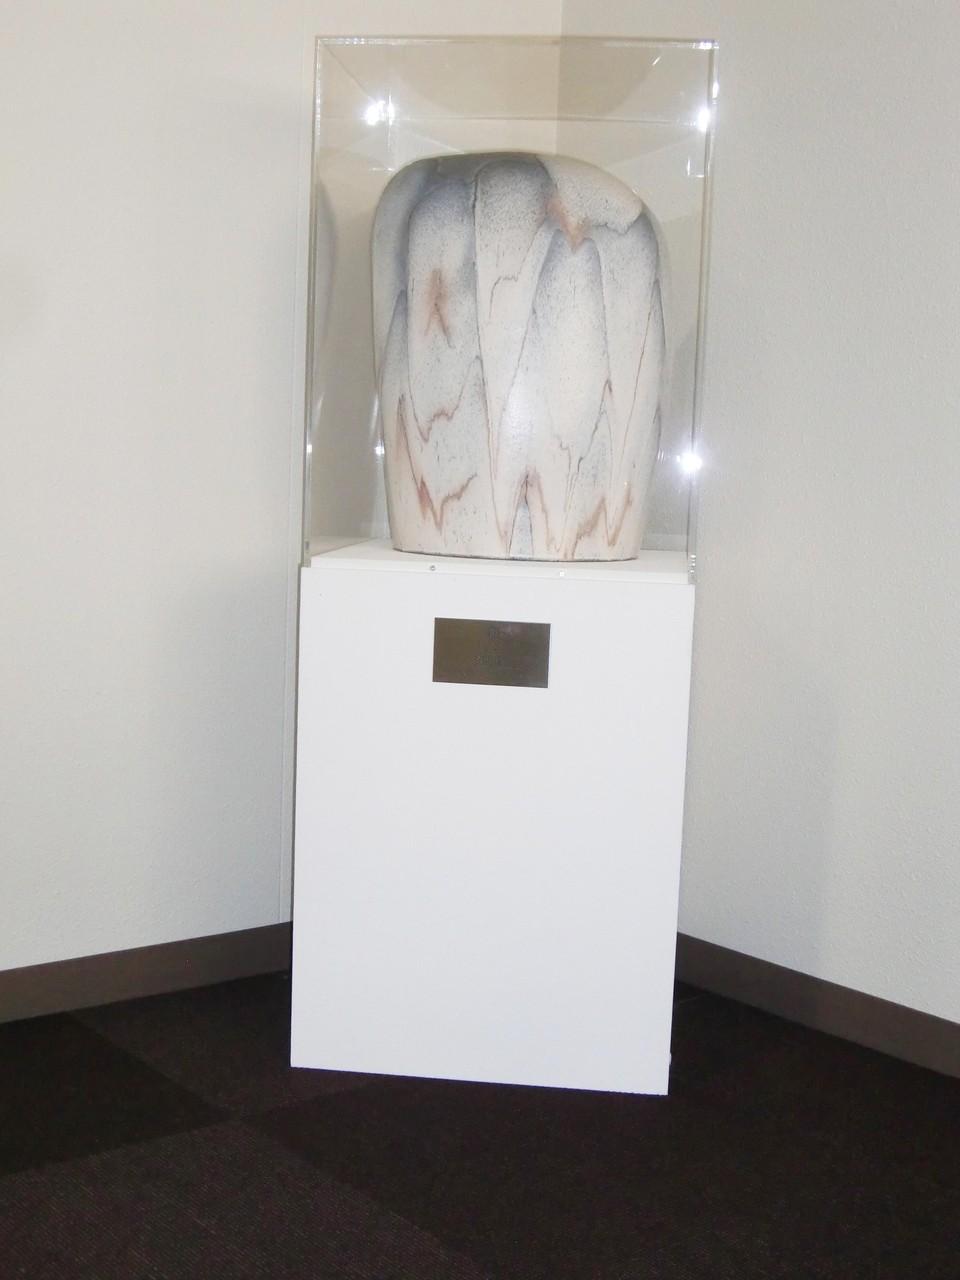 「翔」 49×33×25 ㎝ 陶芸 日展 2005年  谷口正典 日展会友